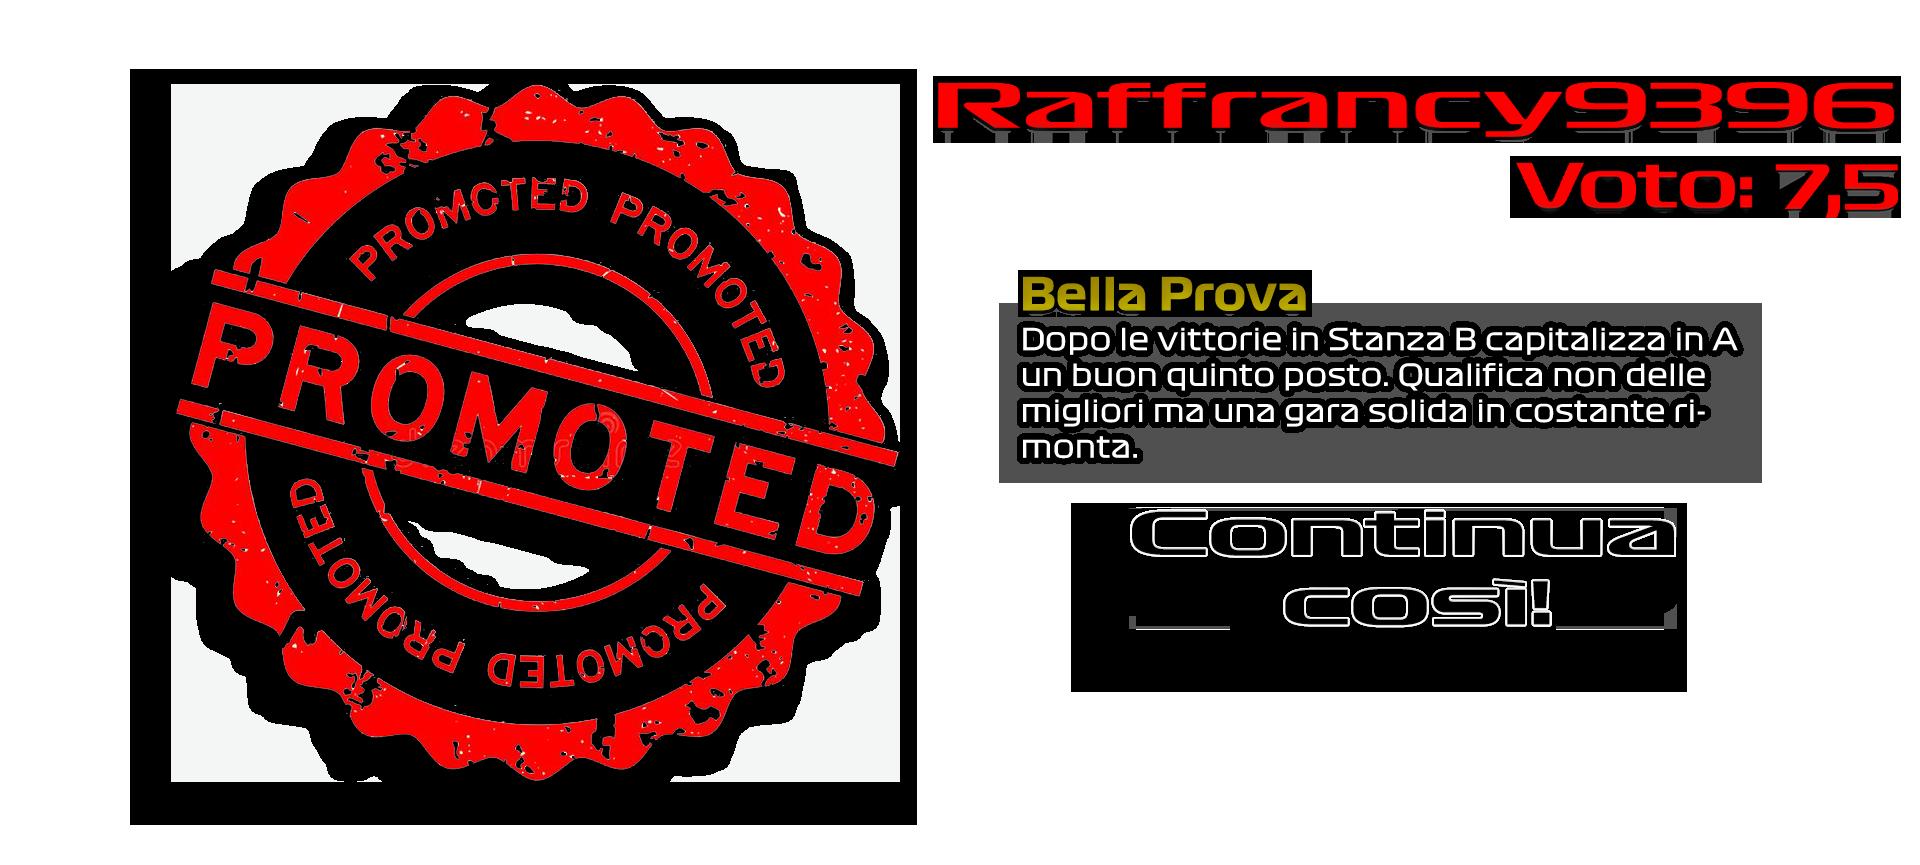 Garetta stasera random GT6-3-raffrancy-png